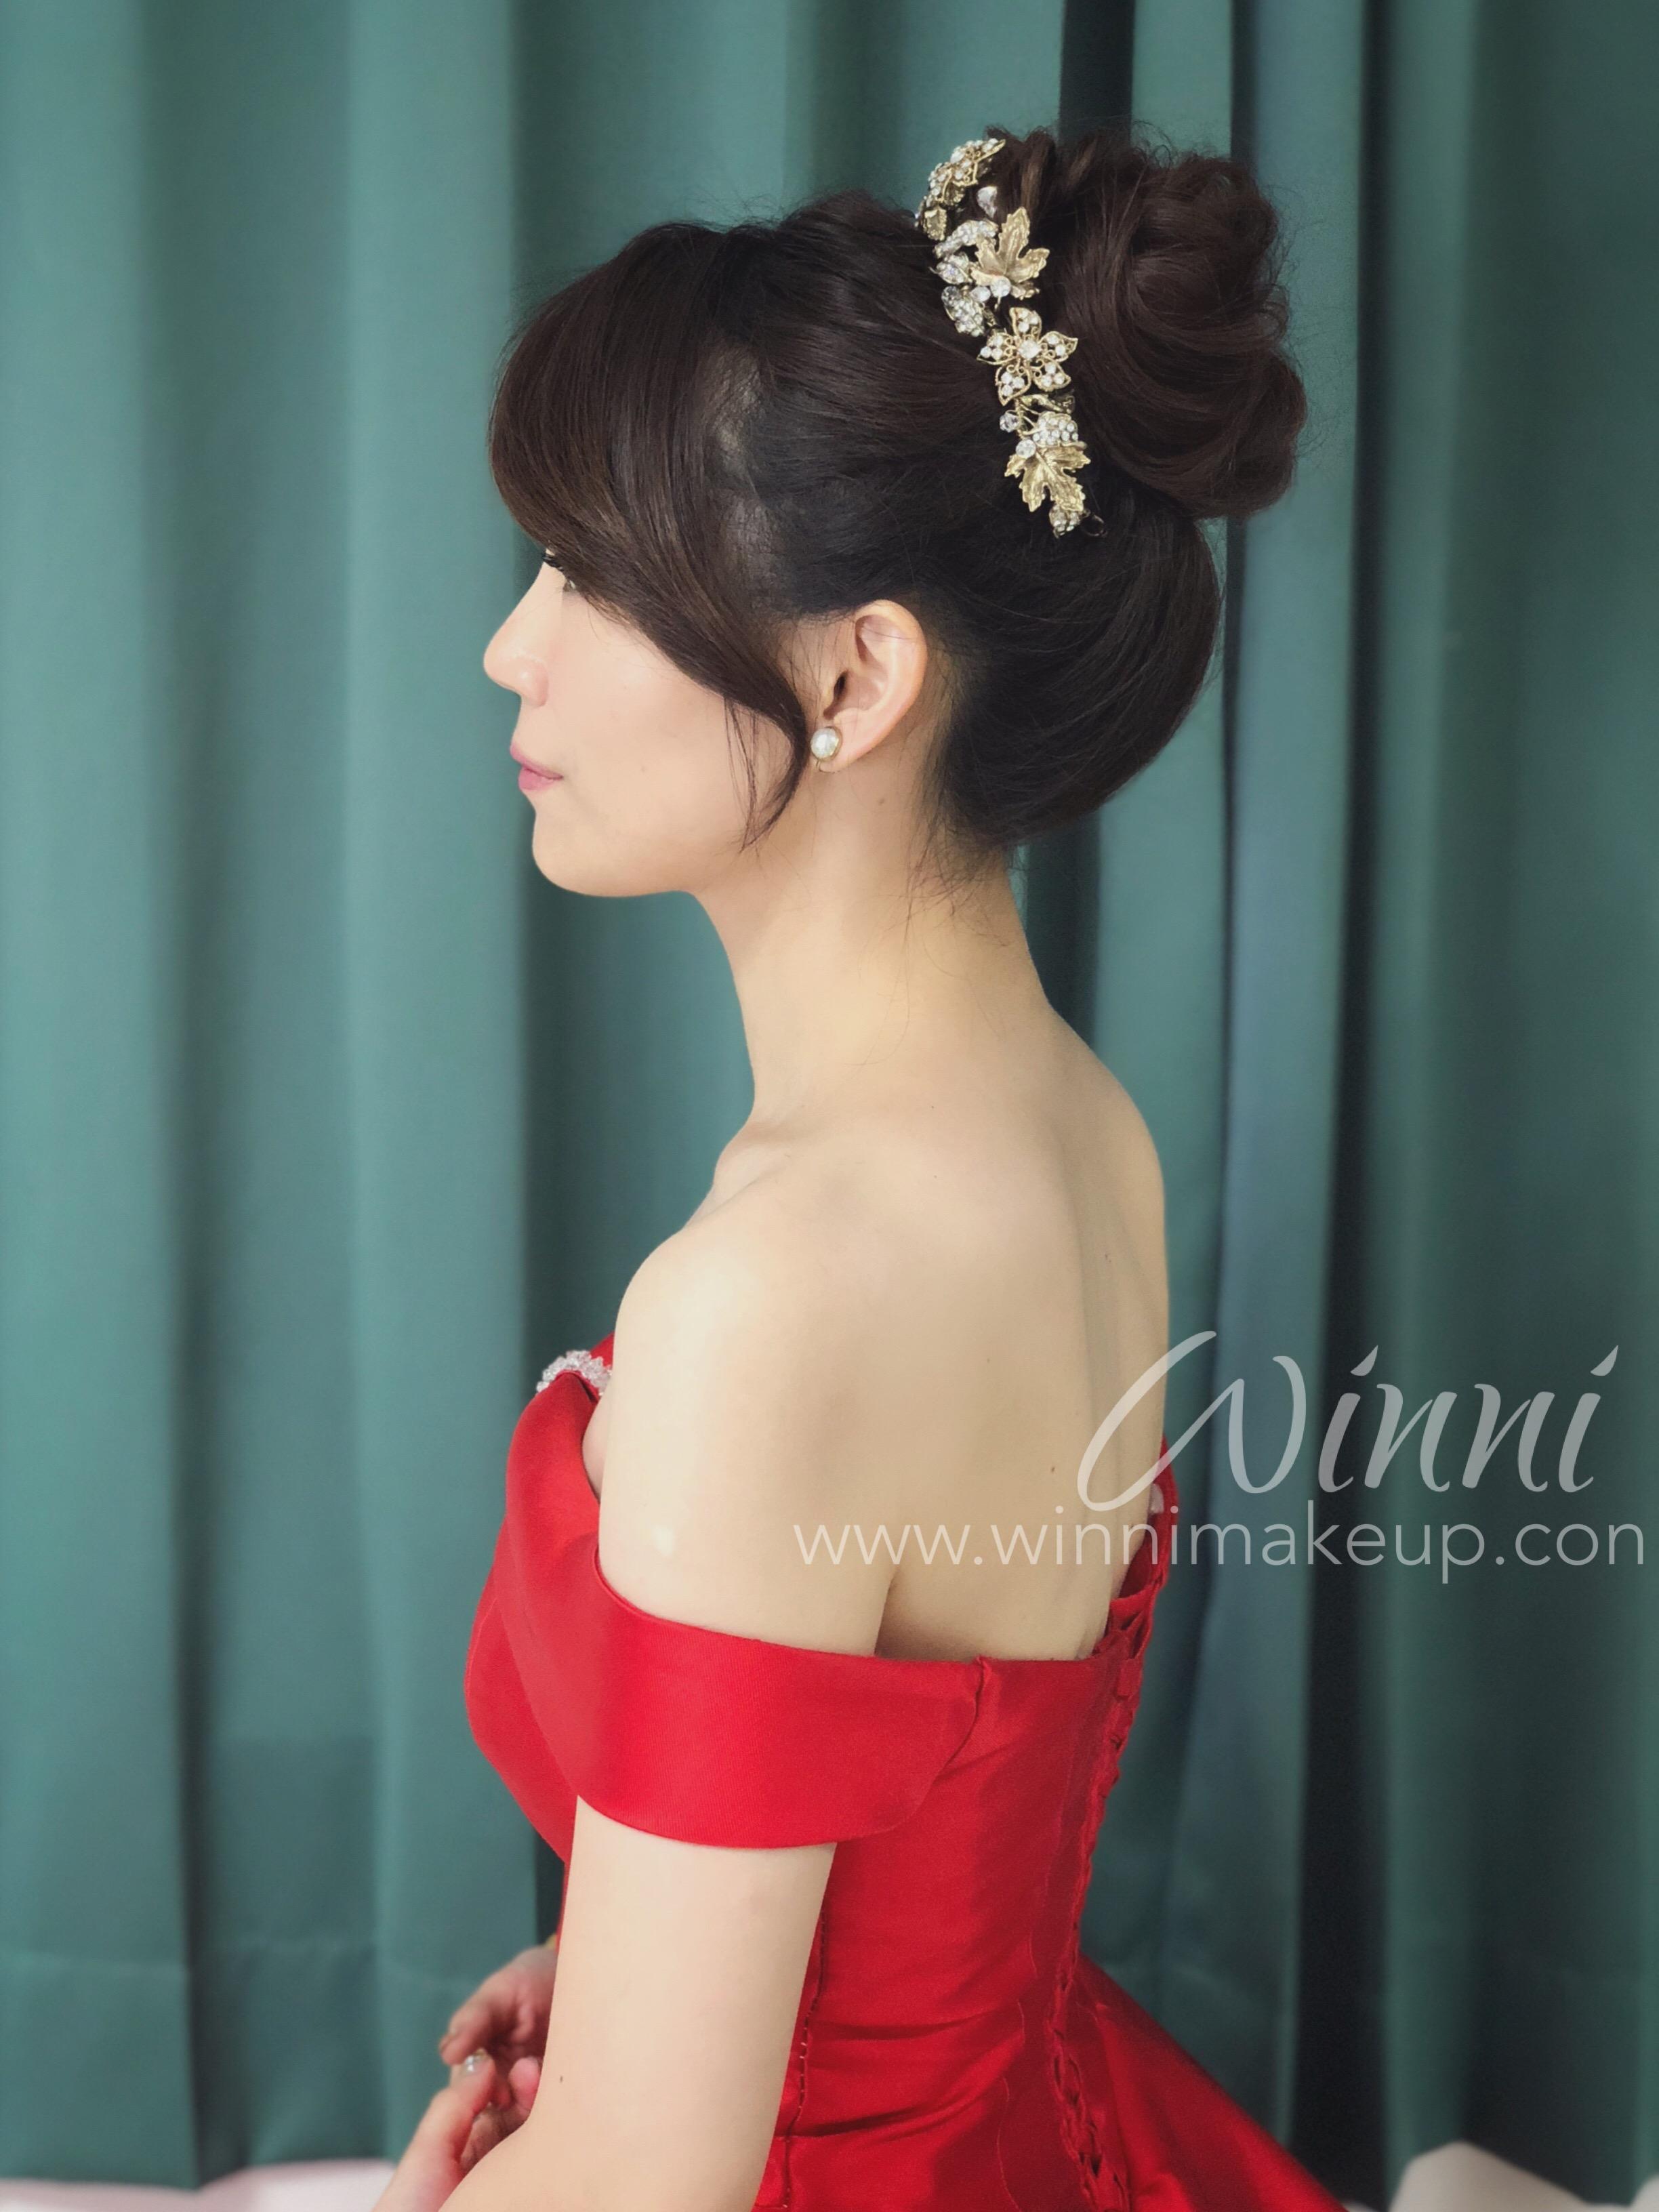 IM晚禮服造型/晚禮服高盤髮造型G_9481